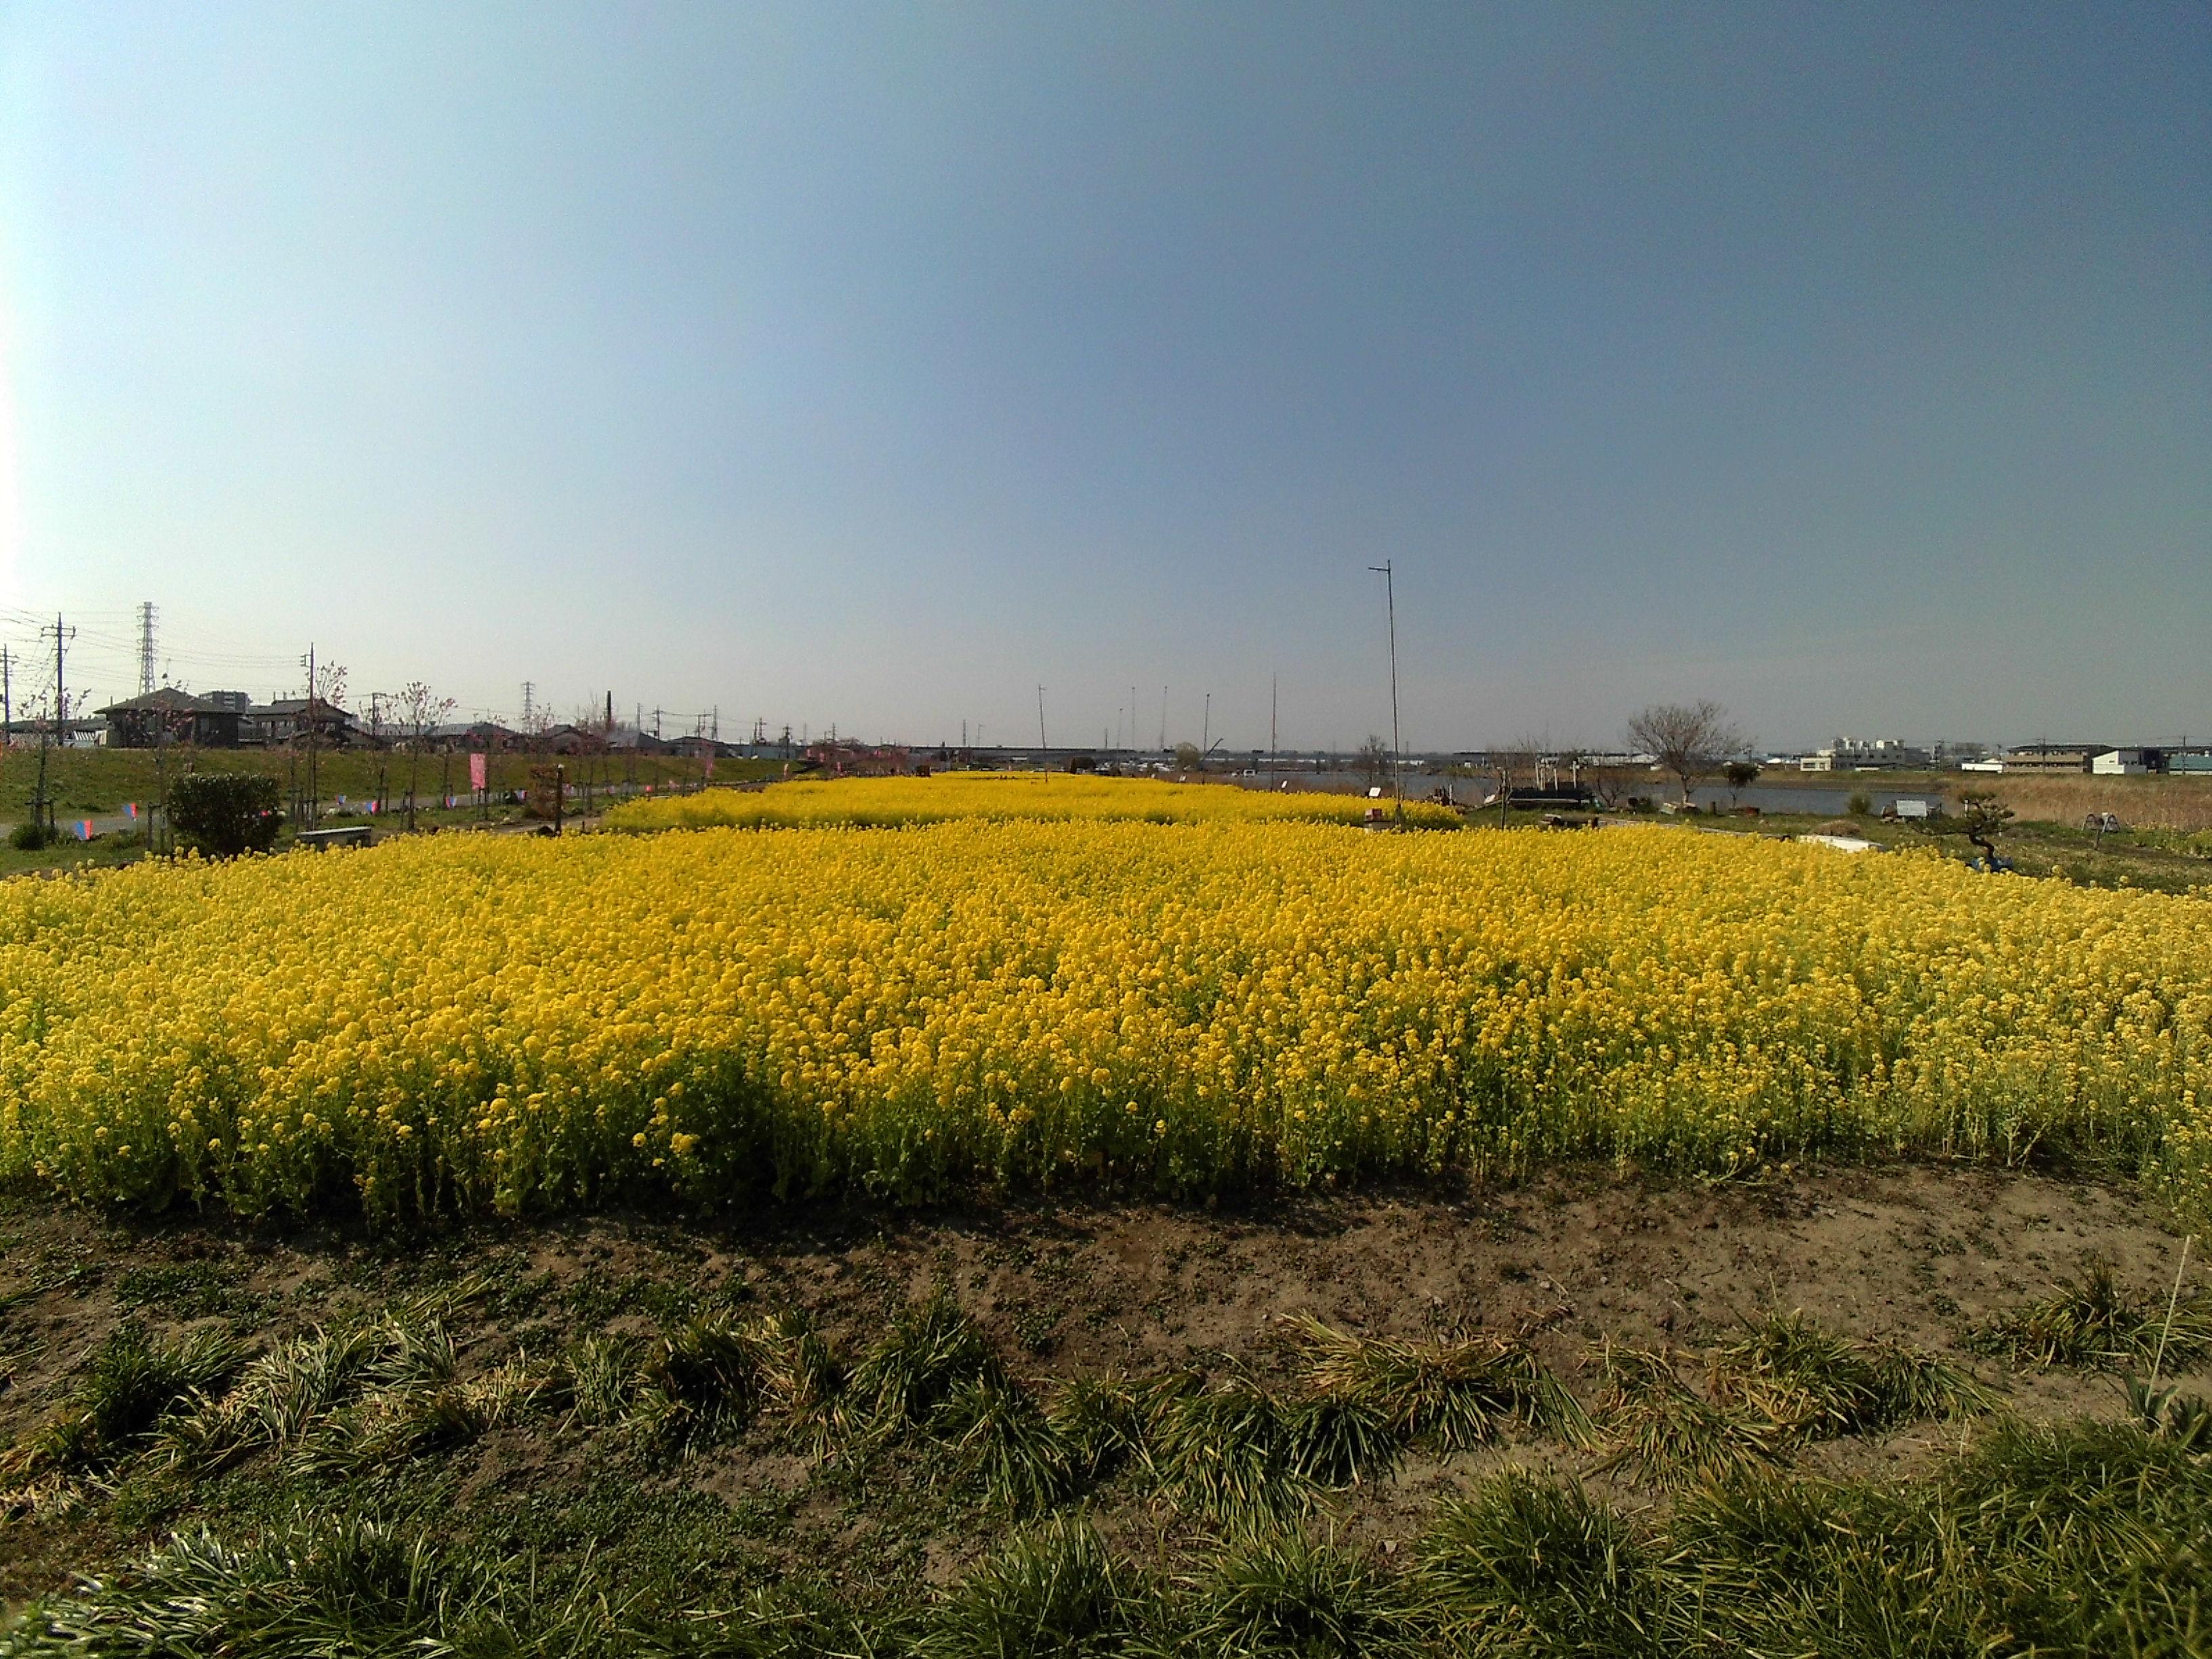 中川やしおフラワーパークの菜の花畑